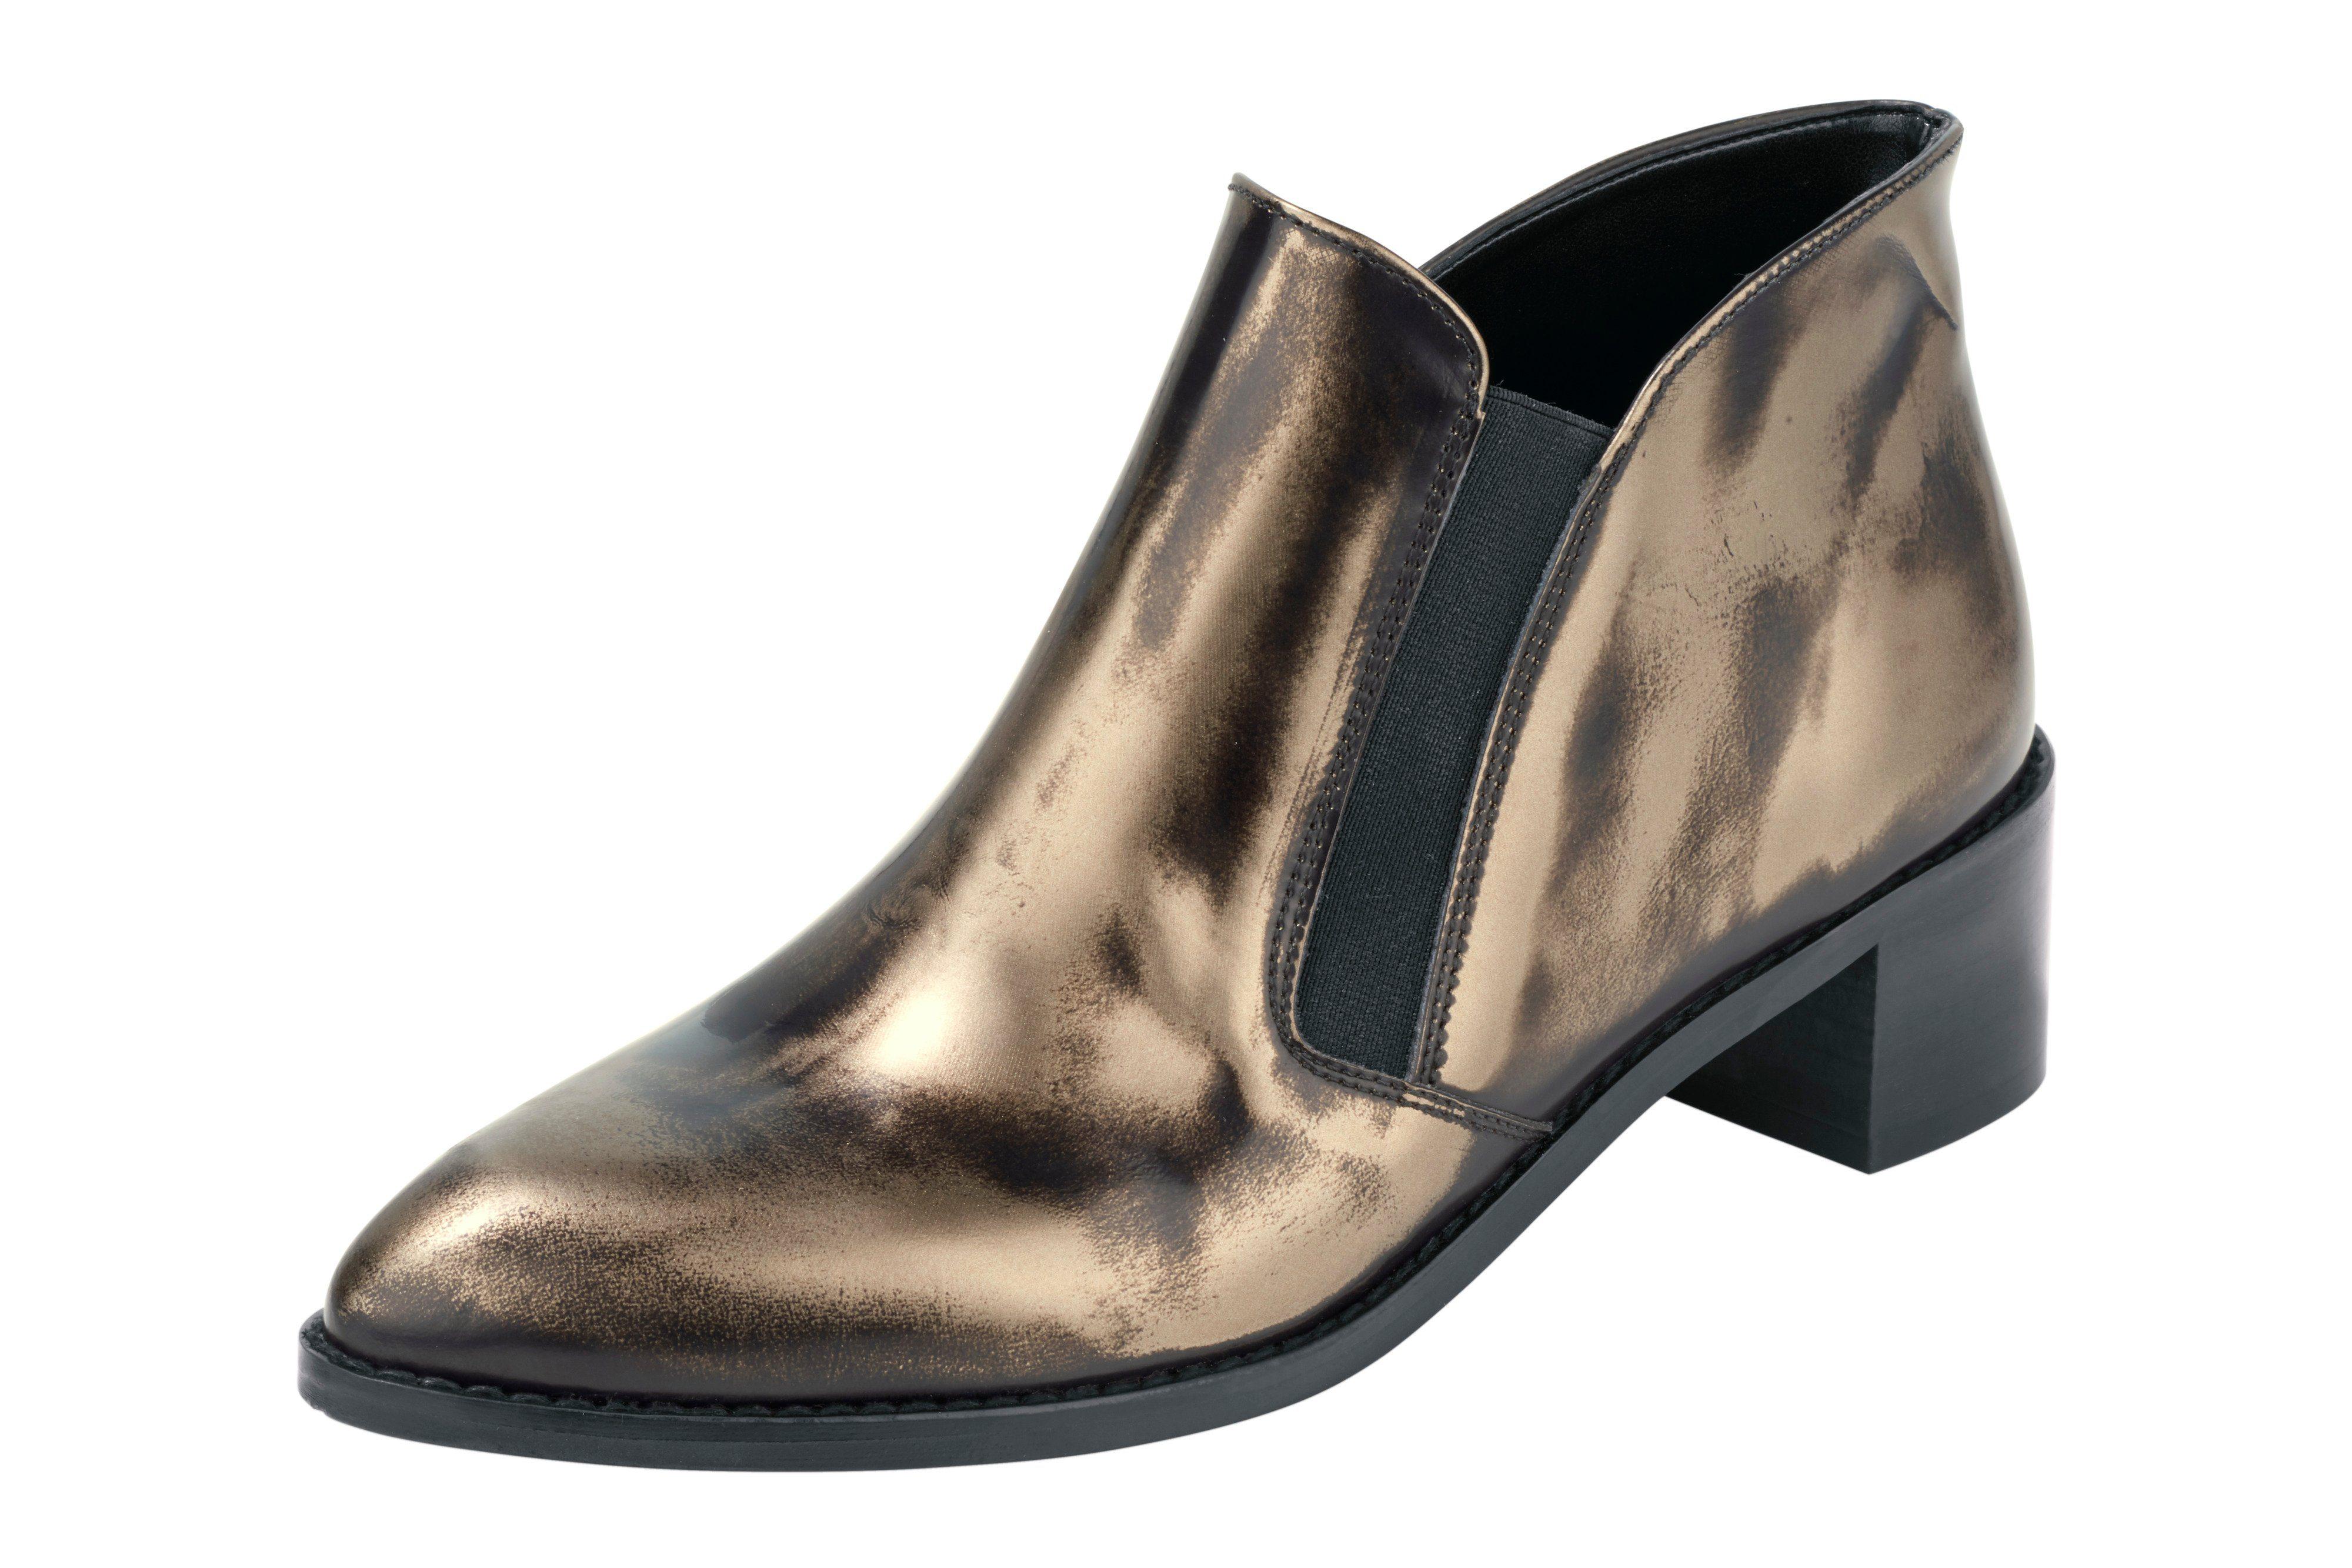 Heine Stiefelette online kaufen  bronzefarben